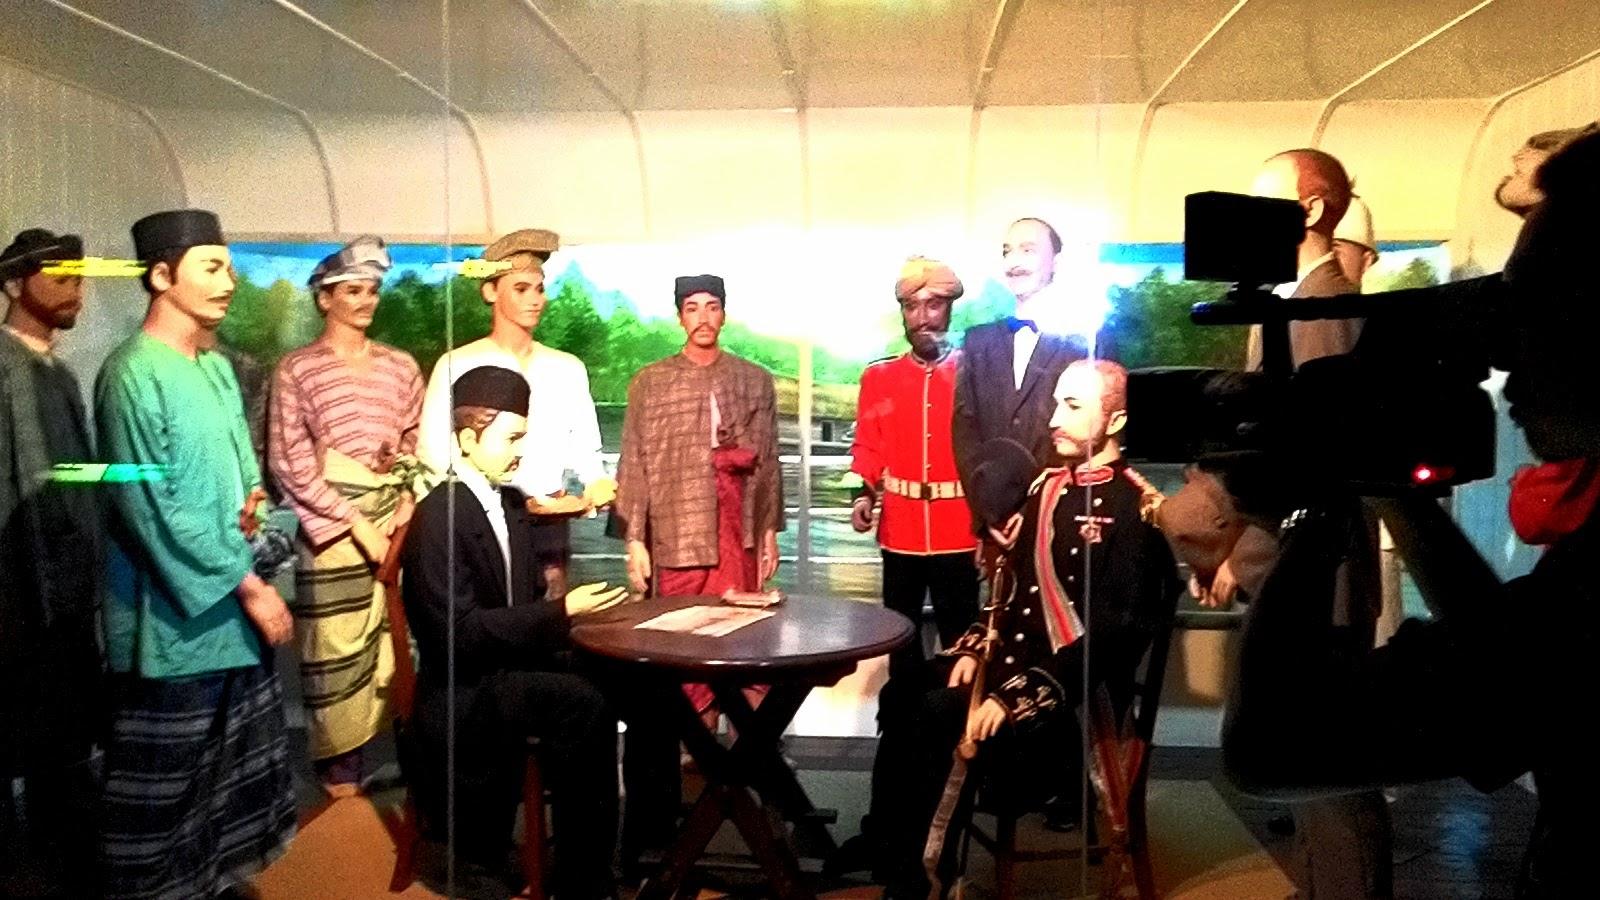 Terowong Sejarah Pasir Salak, Perjanjian Pangkor